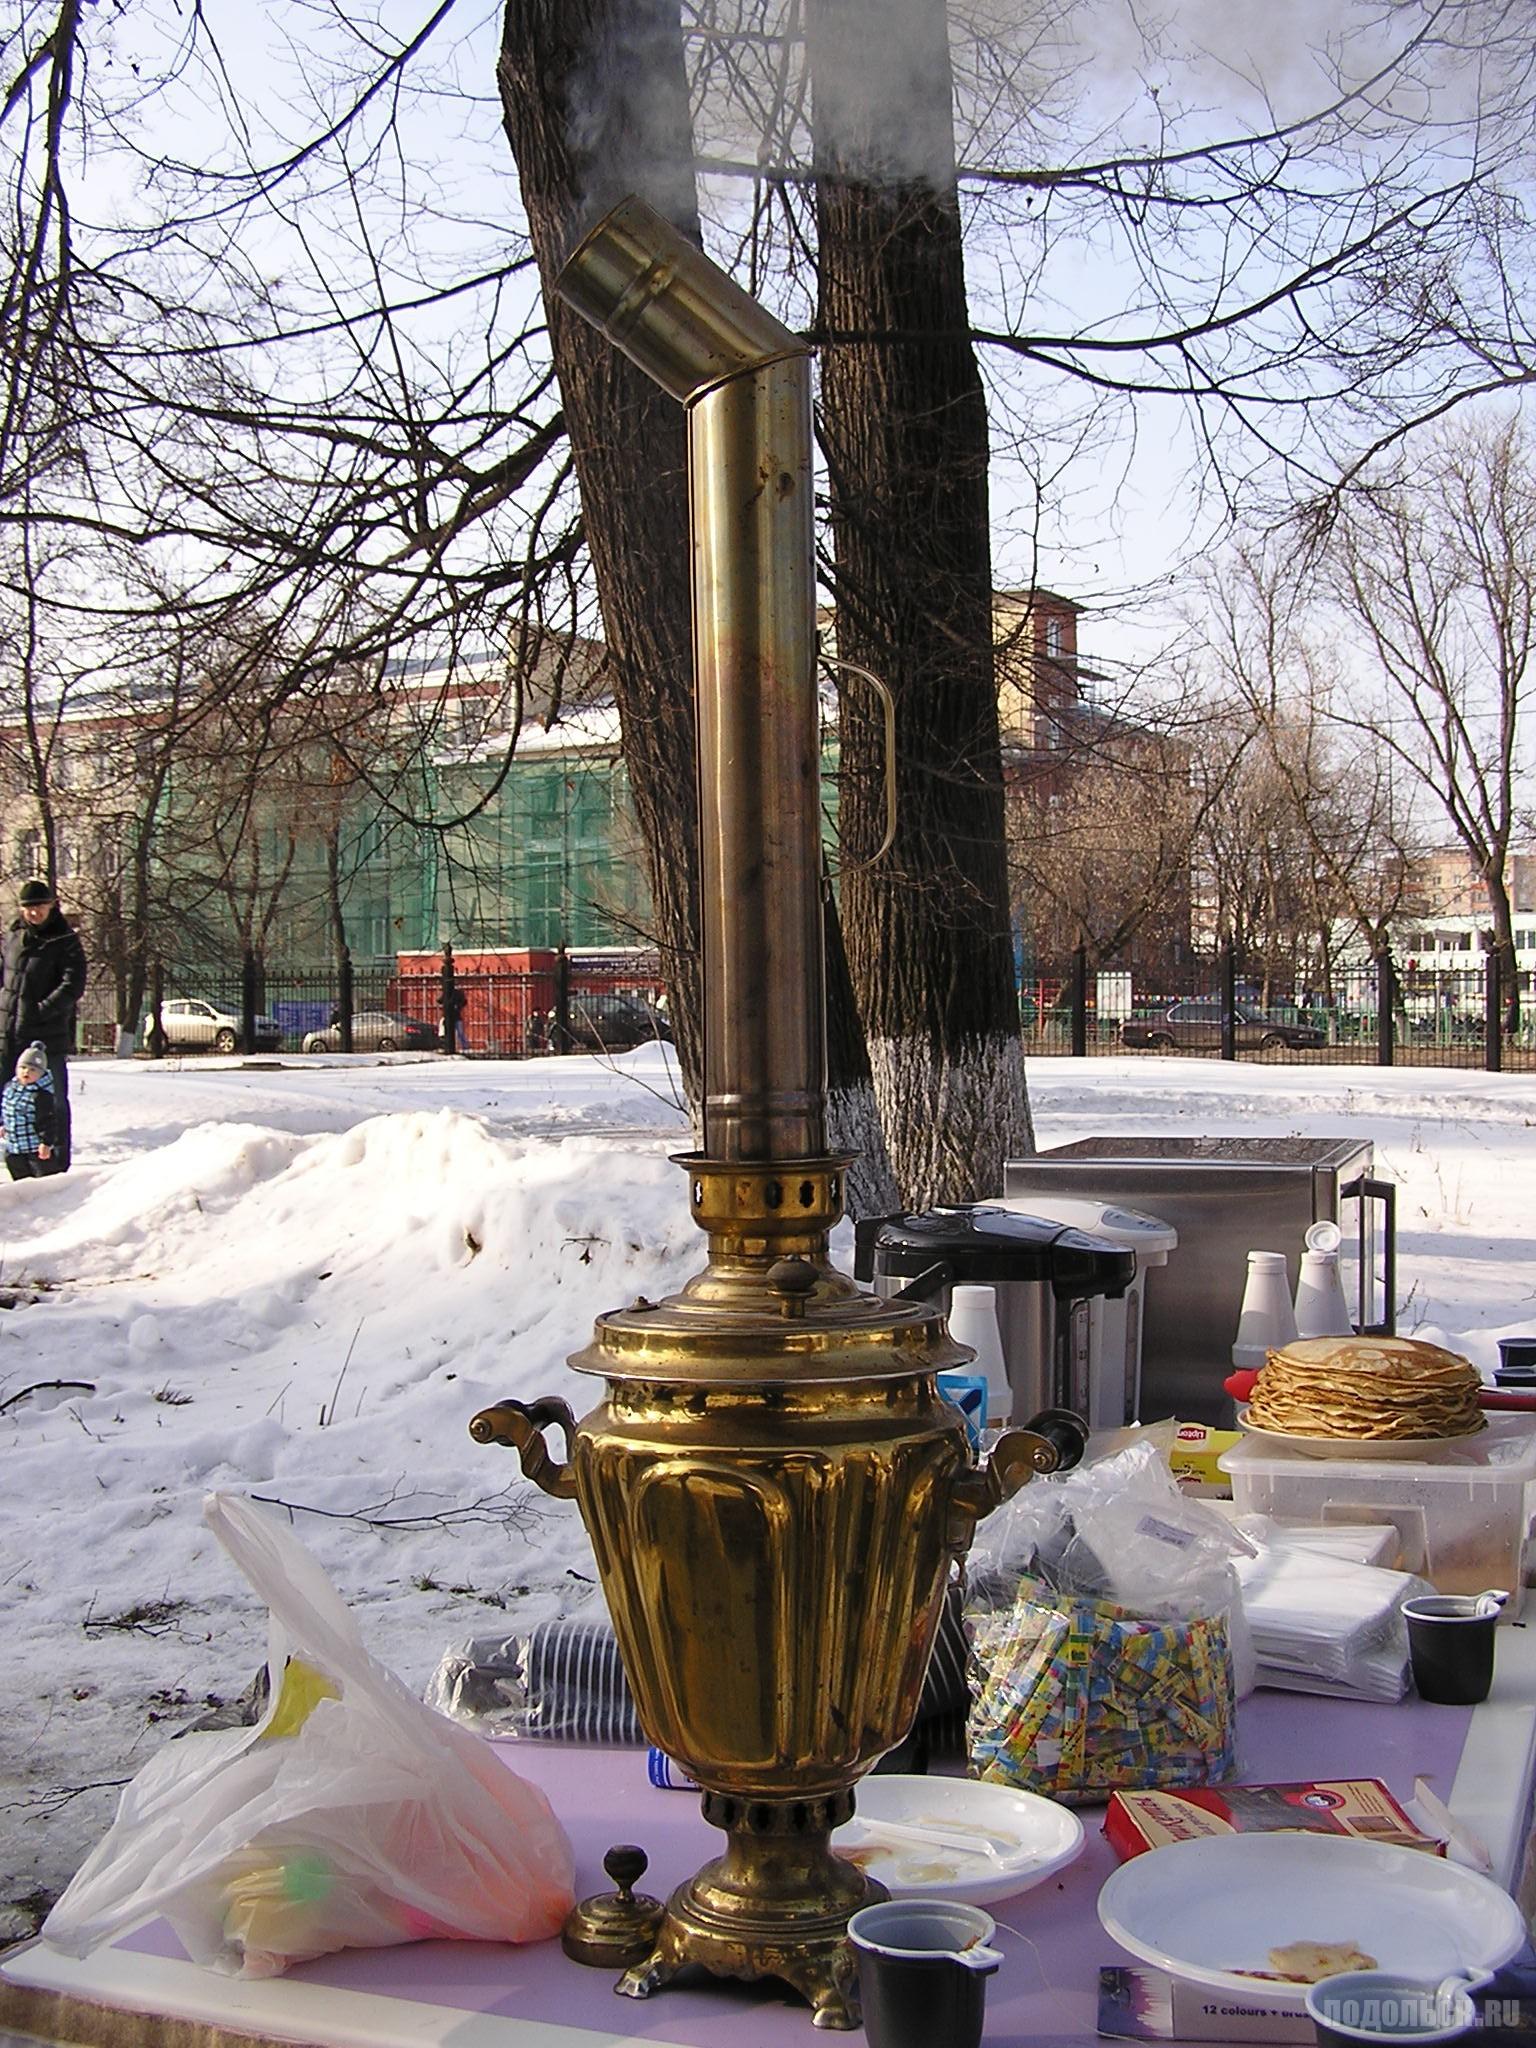 Февральская улица, Масленица, 21.02.2015.